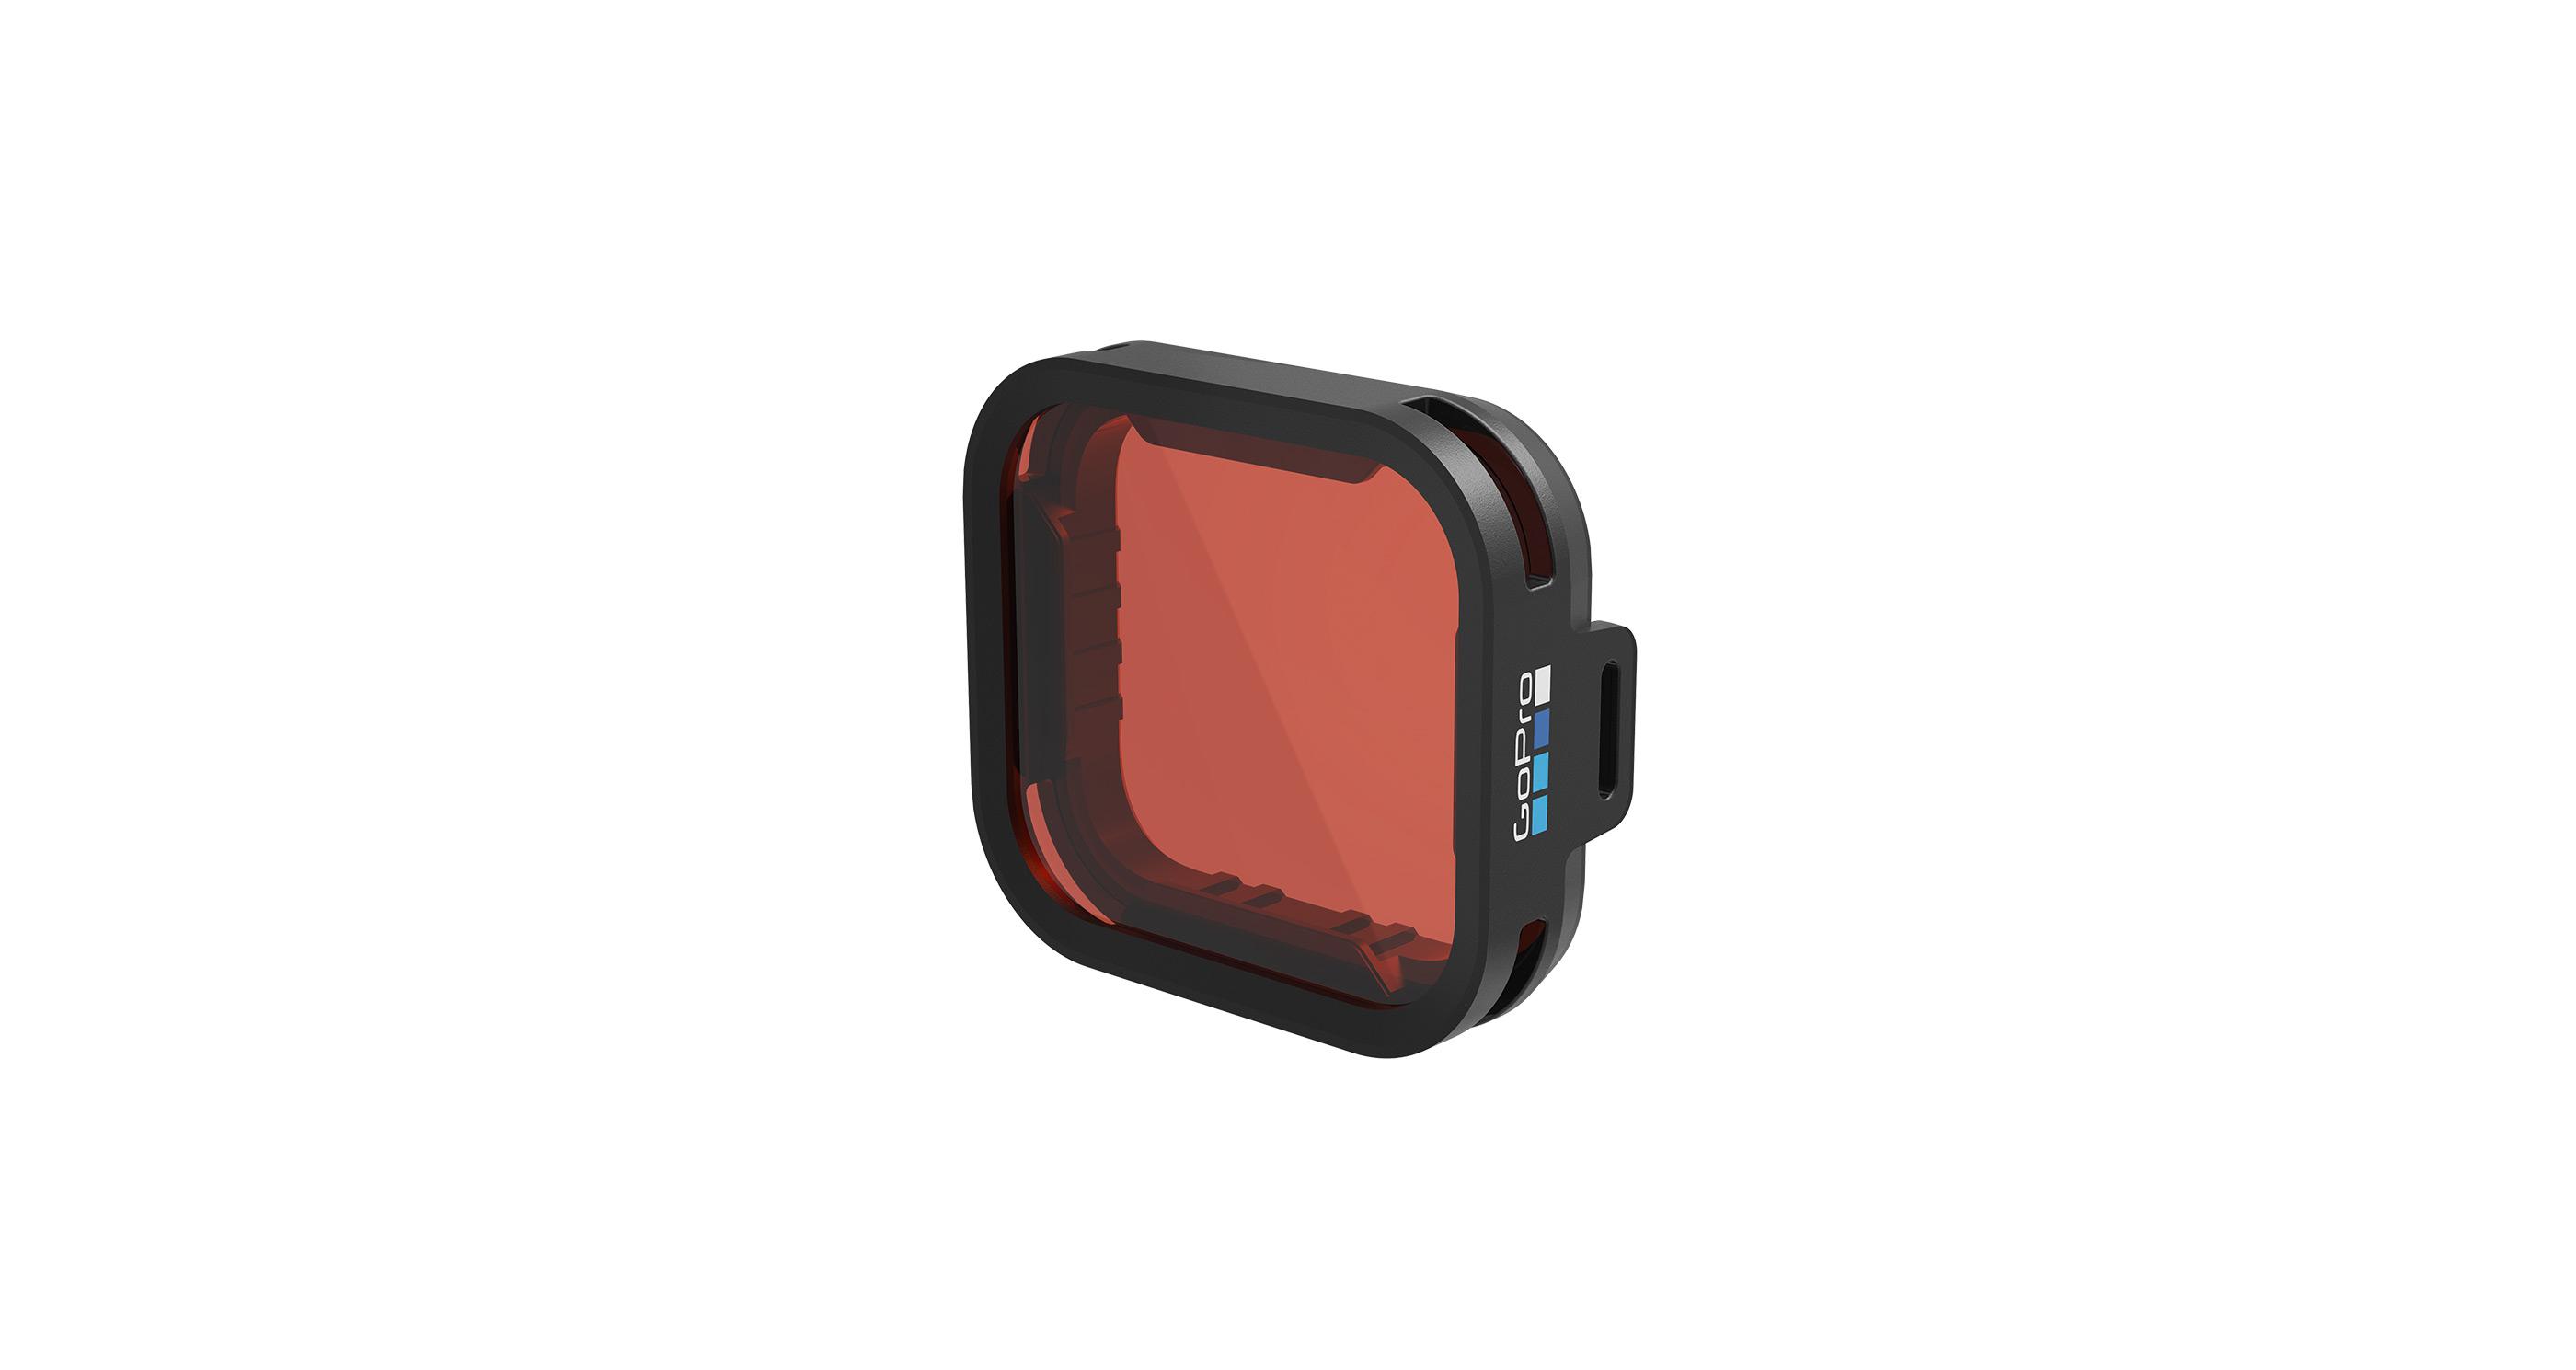 Filtru GoPro Blue Water Snorkel Filter AACDR-001